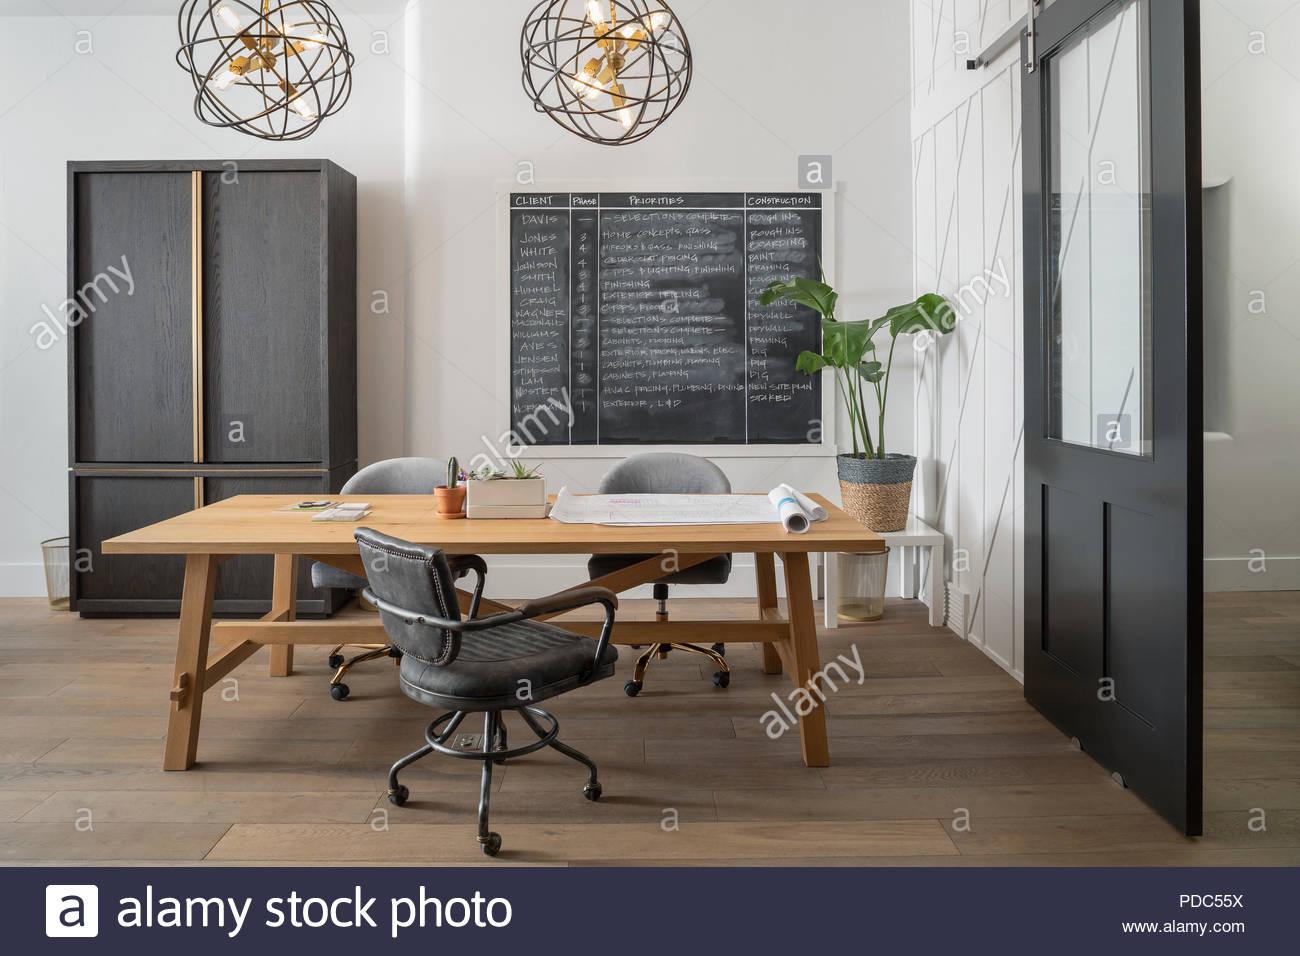 Architetto creativi spazio in ufficio Immagini Stock